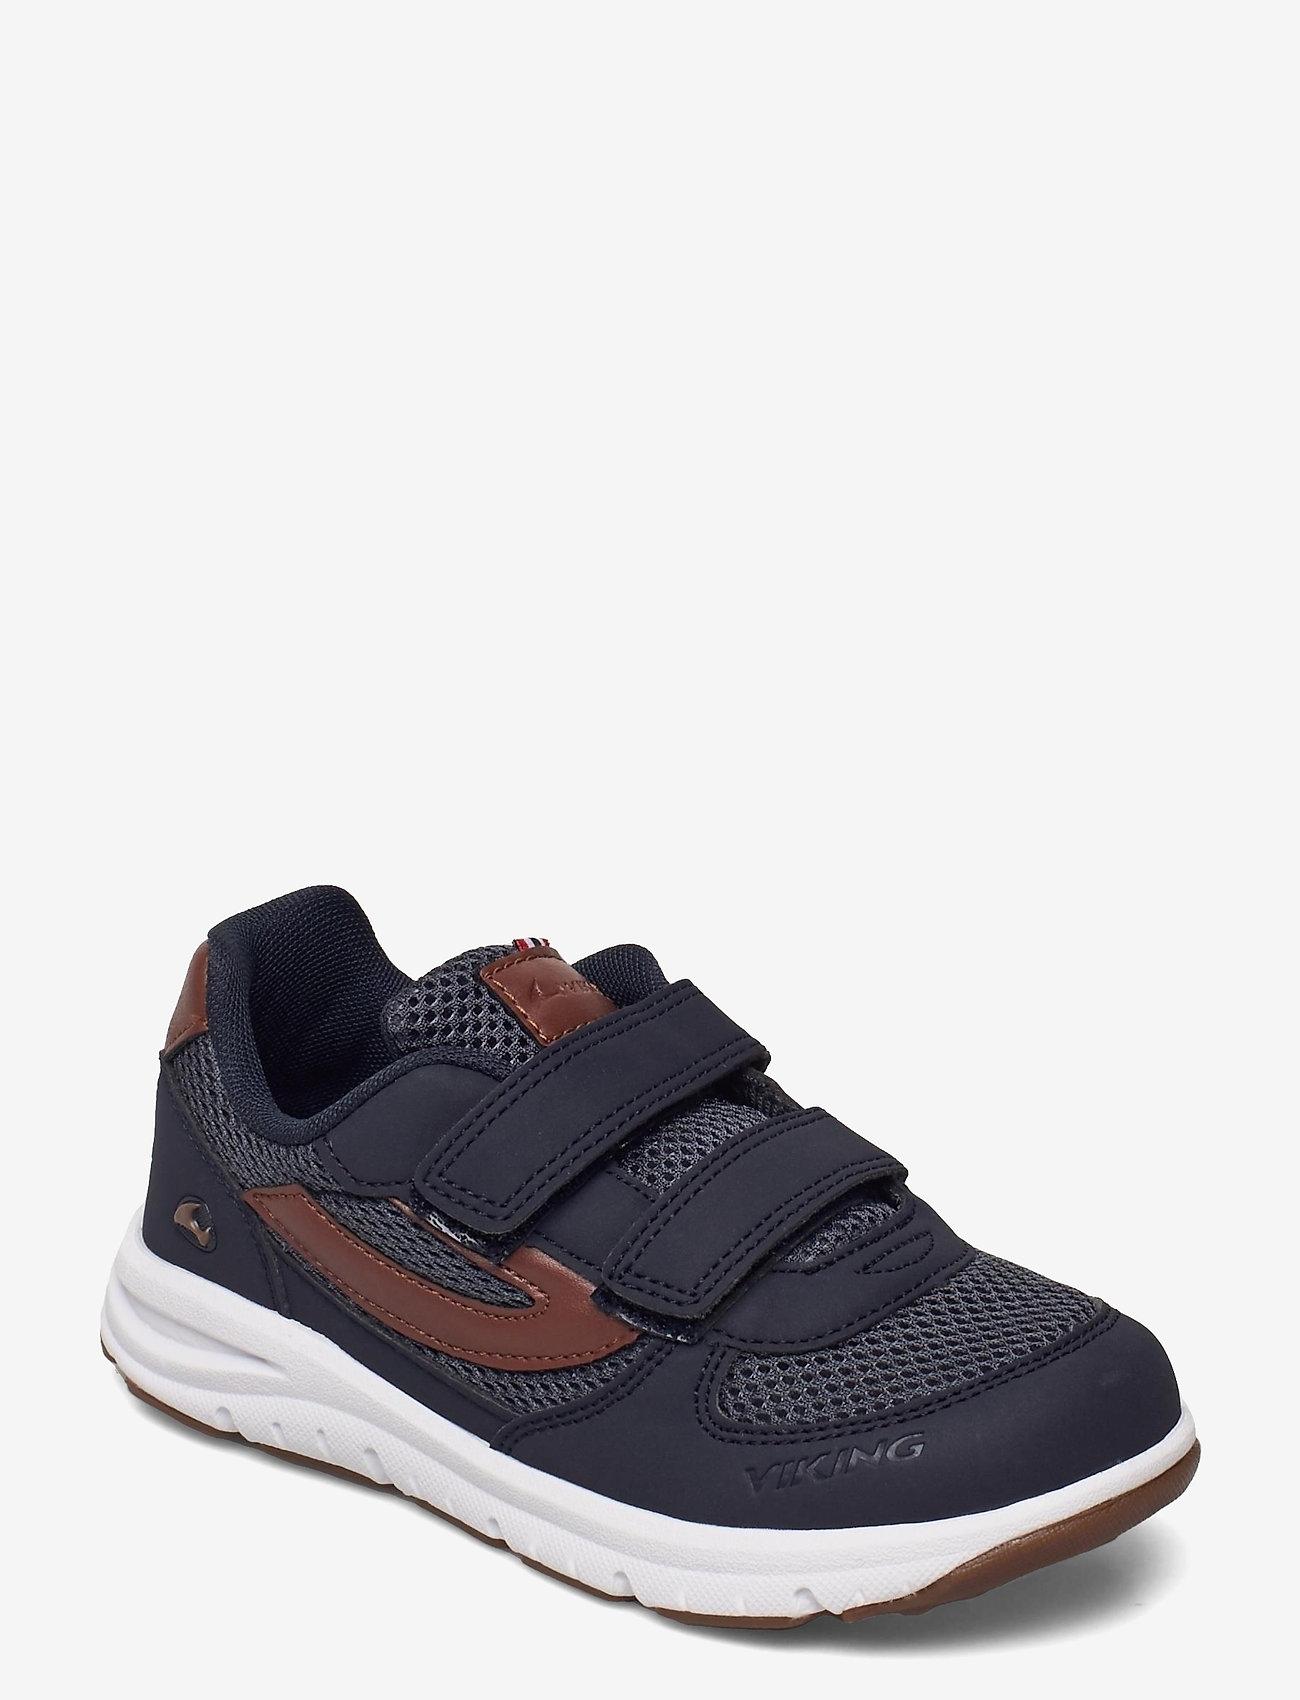 Viking - HOVET - low-top sneakers - navy/cognac - 0